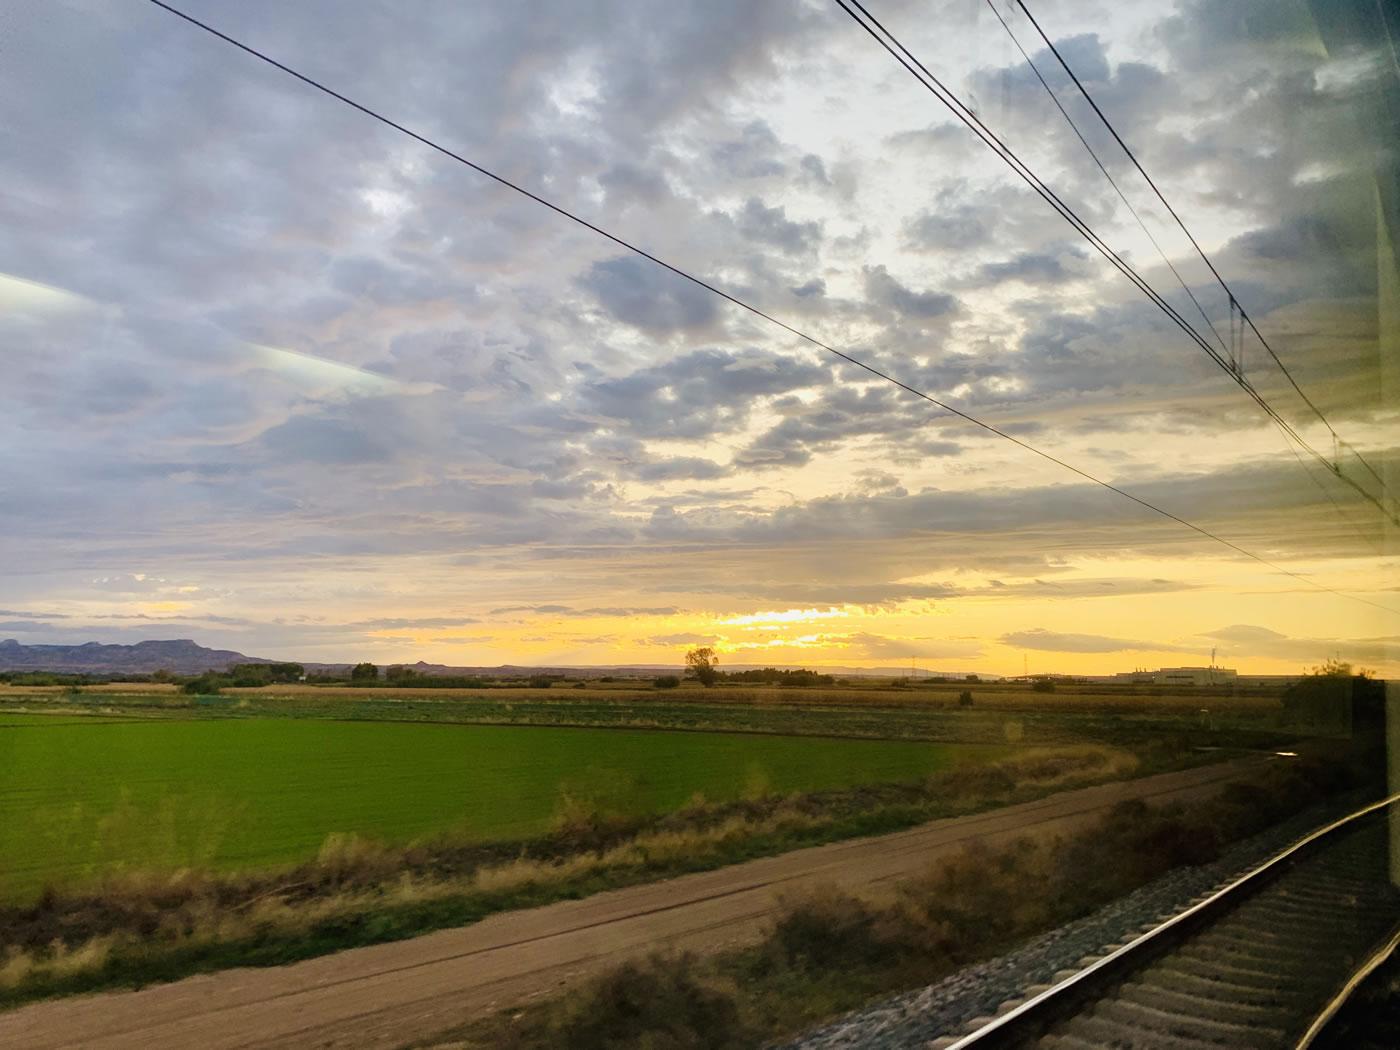 Amanecer desde el tren